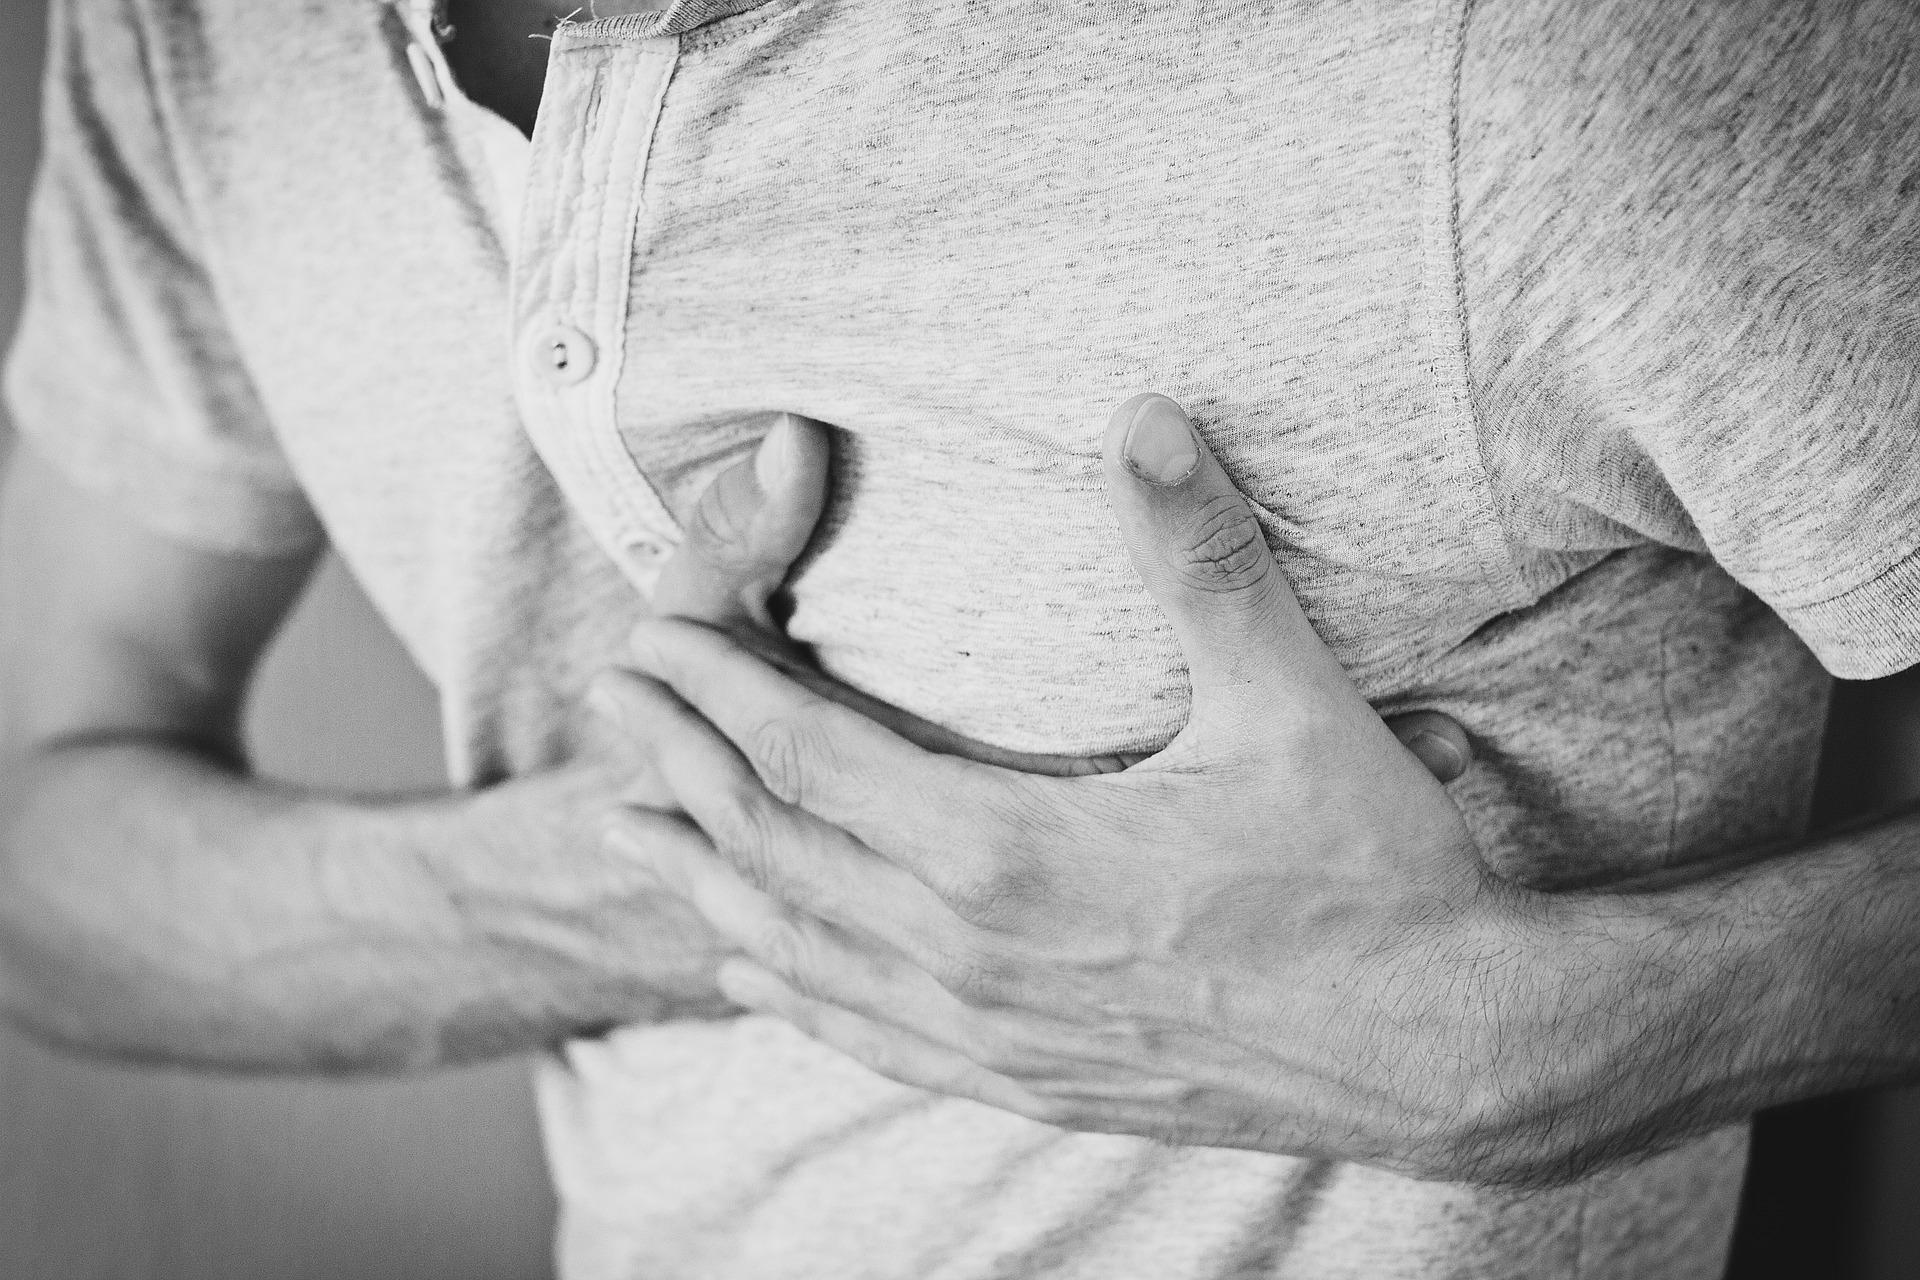 cum să ușurezi rapid inflamația articulară în artrită gel de flexibilitate articulară